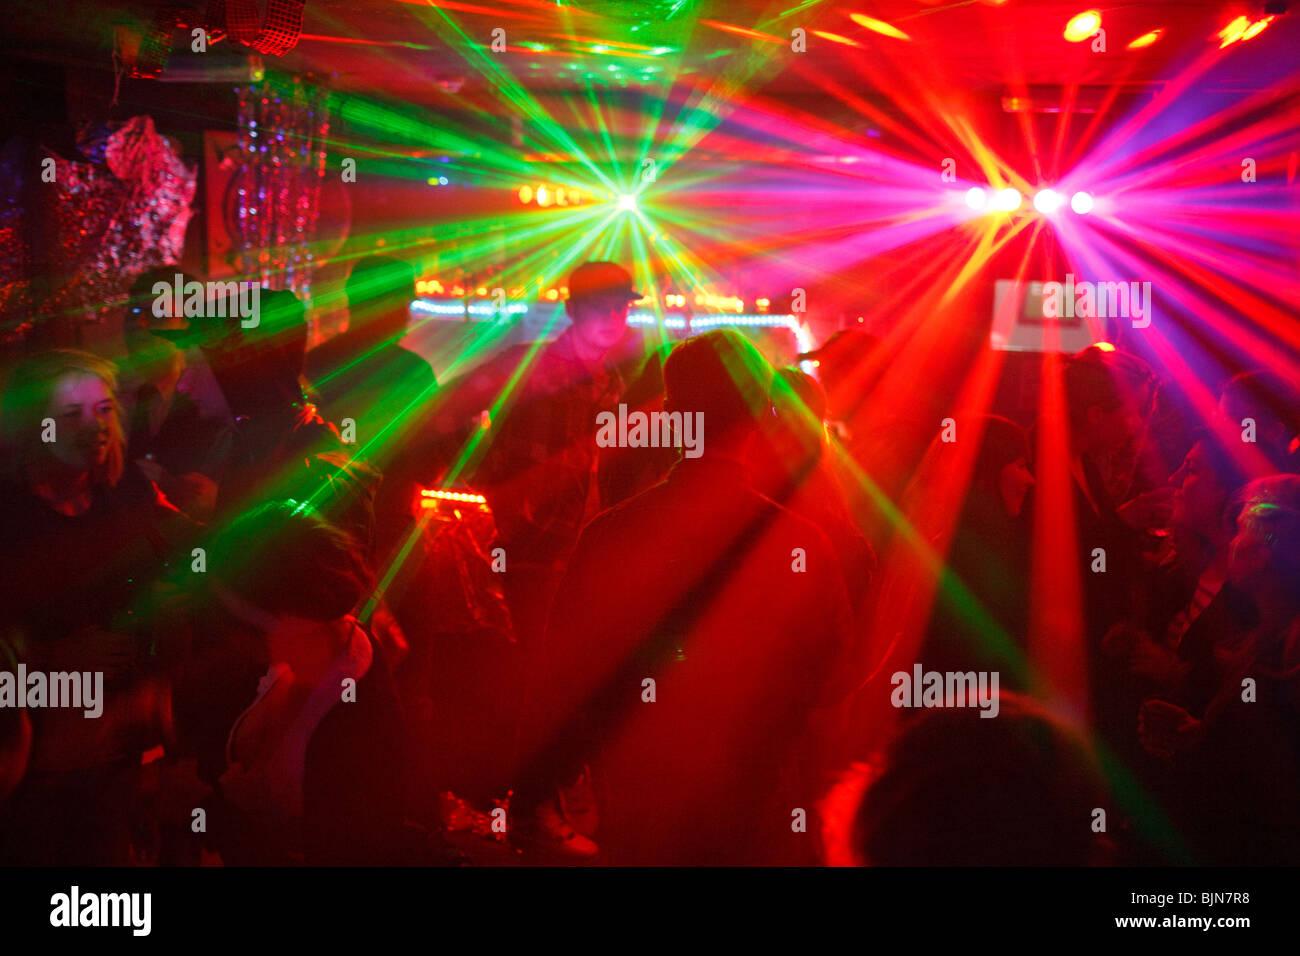 Partie dans le club à Dalston Superstore Dalston dans Hackey, Londres. Photo Stock